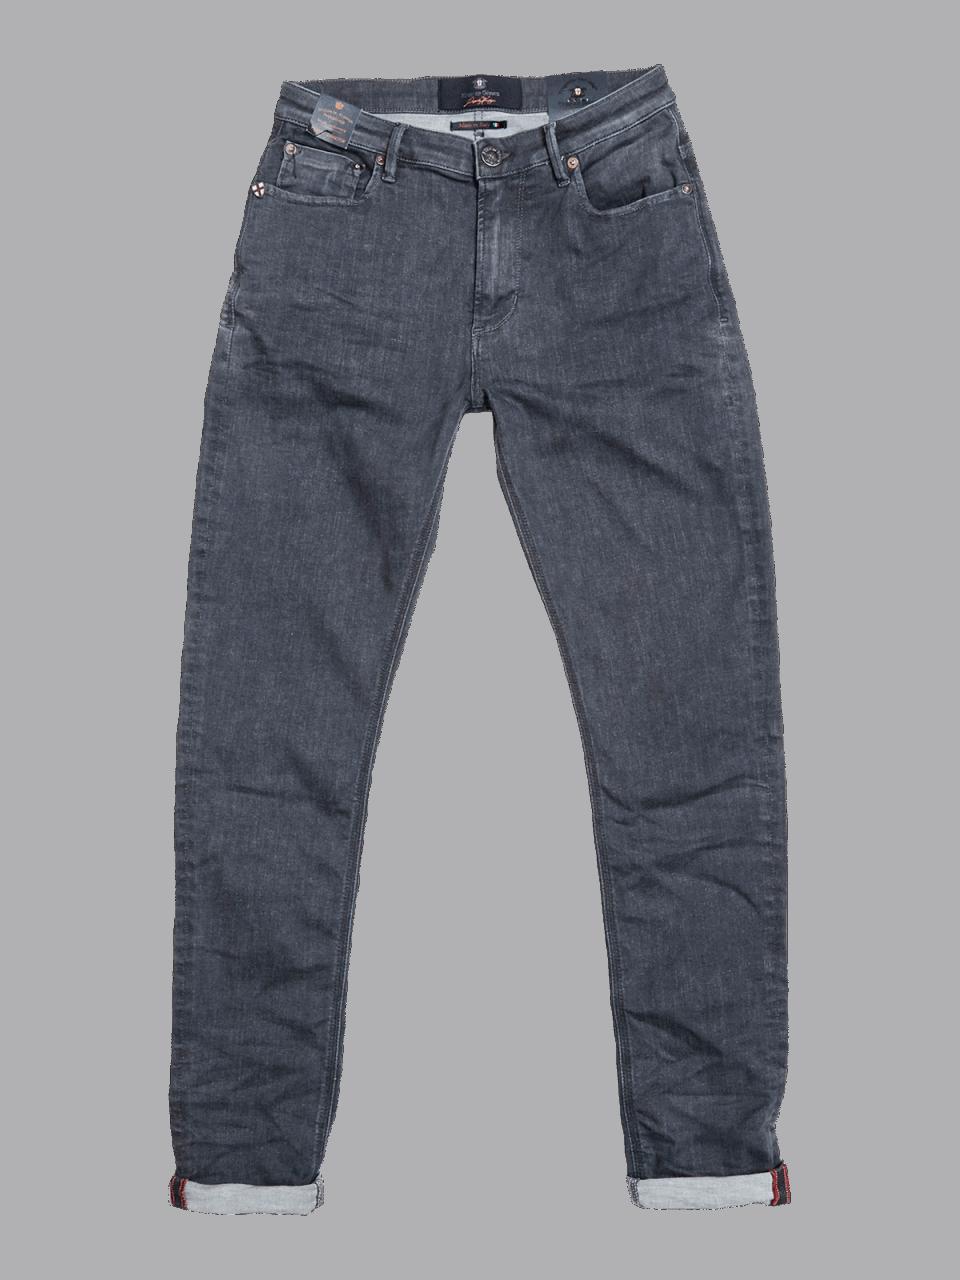 BLUE DE GENES Fredo Cuno Jeans